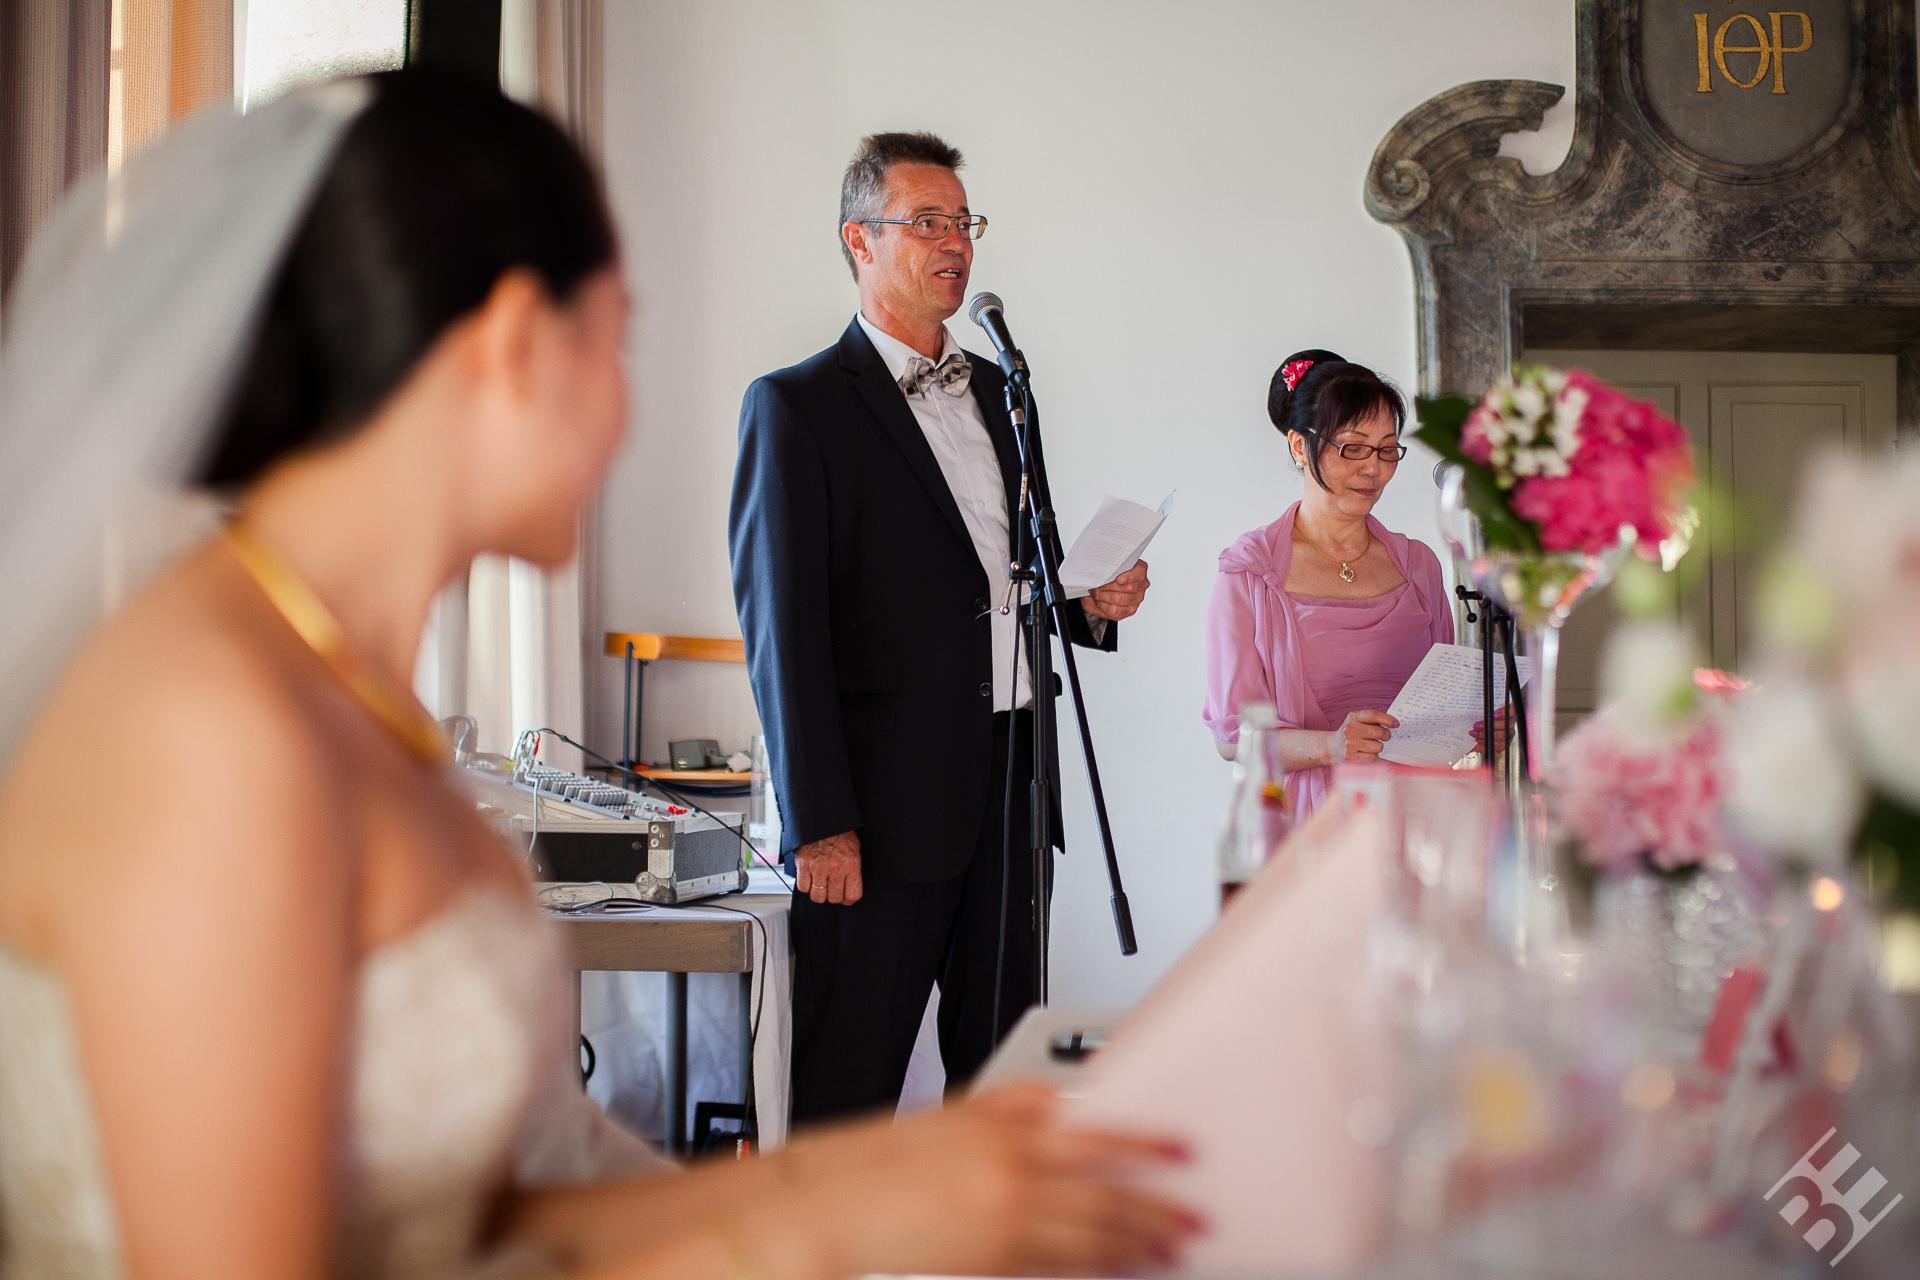 Hochzeit_87_IMG_0254-2_Volen_Evtimov